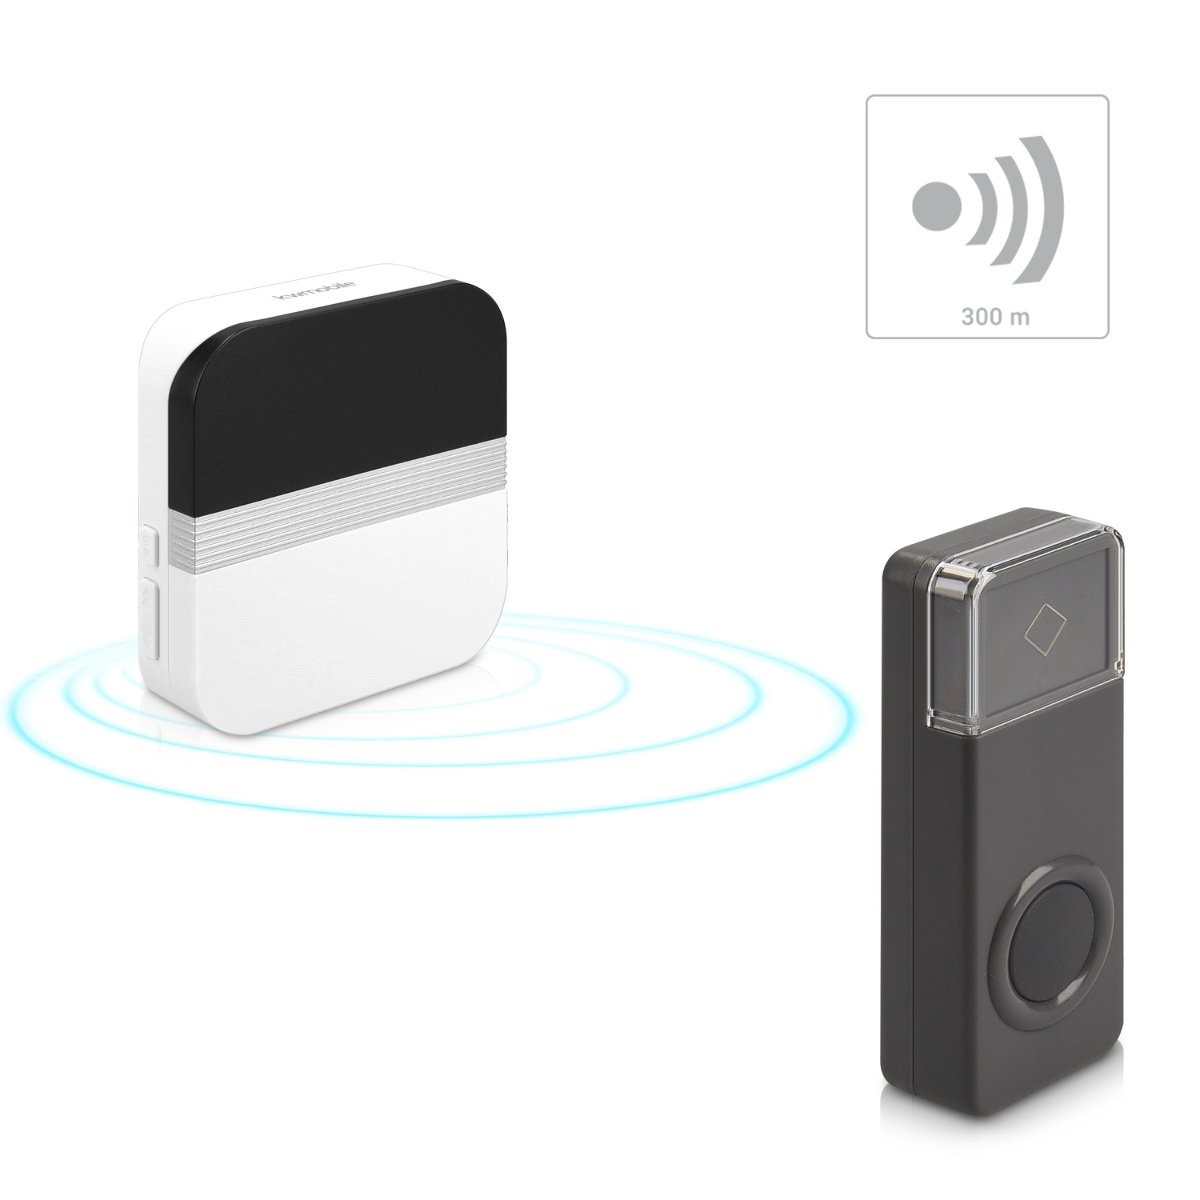 Kleingeräte Haushalt Streng Funk Türklingel Wireless Türgong Led Leuchte Sonstige Tür Gong Klingel Glocke Door Bell